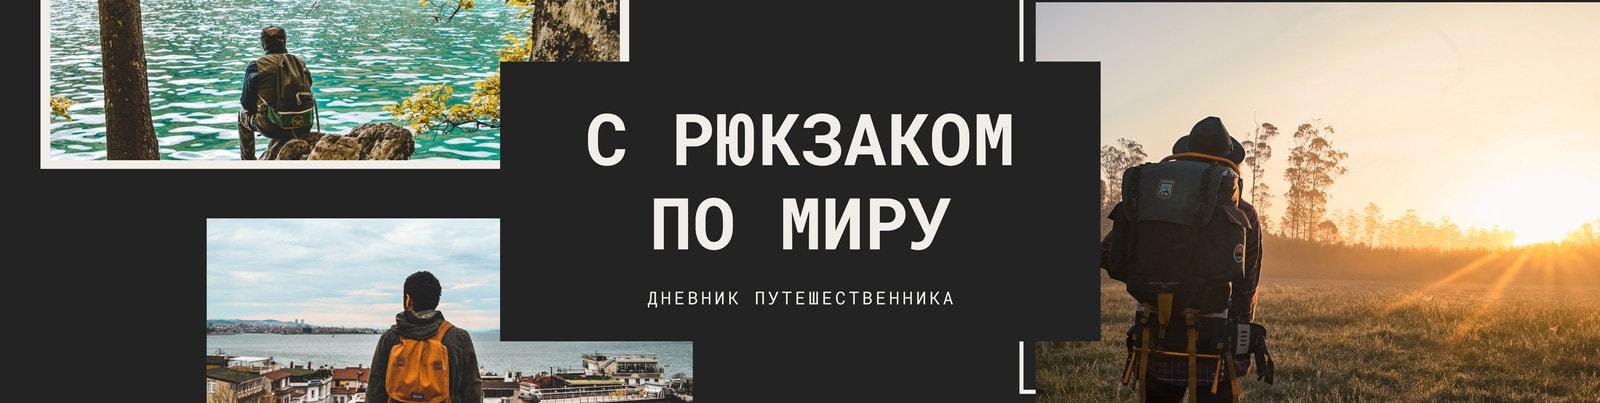 Серая обложка группы ВК с коллажем фотографий о путешествиях